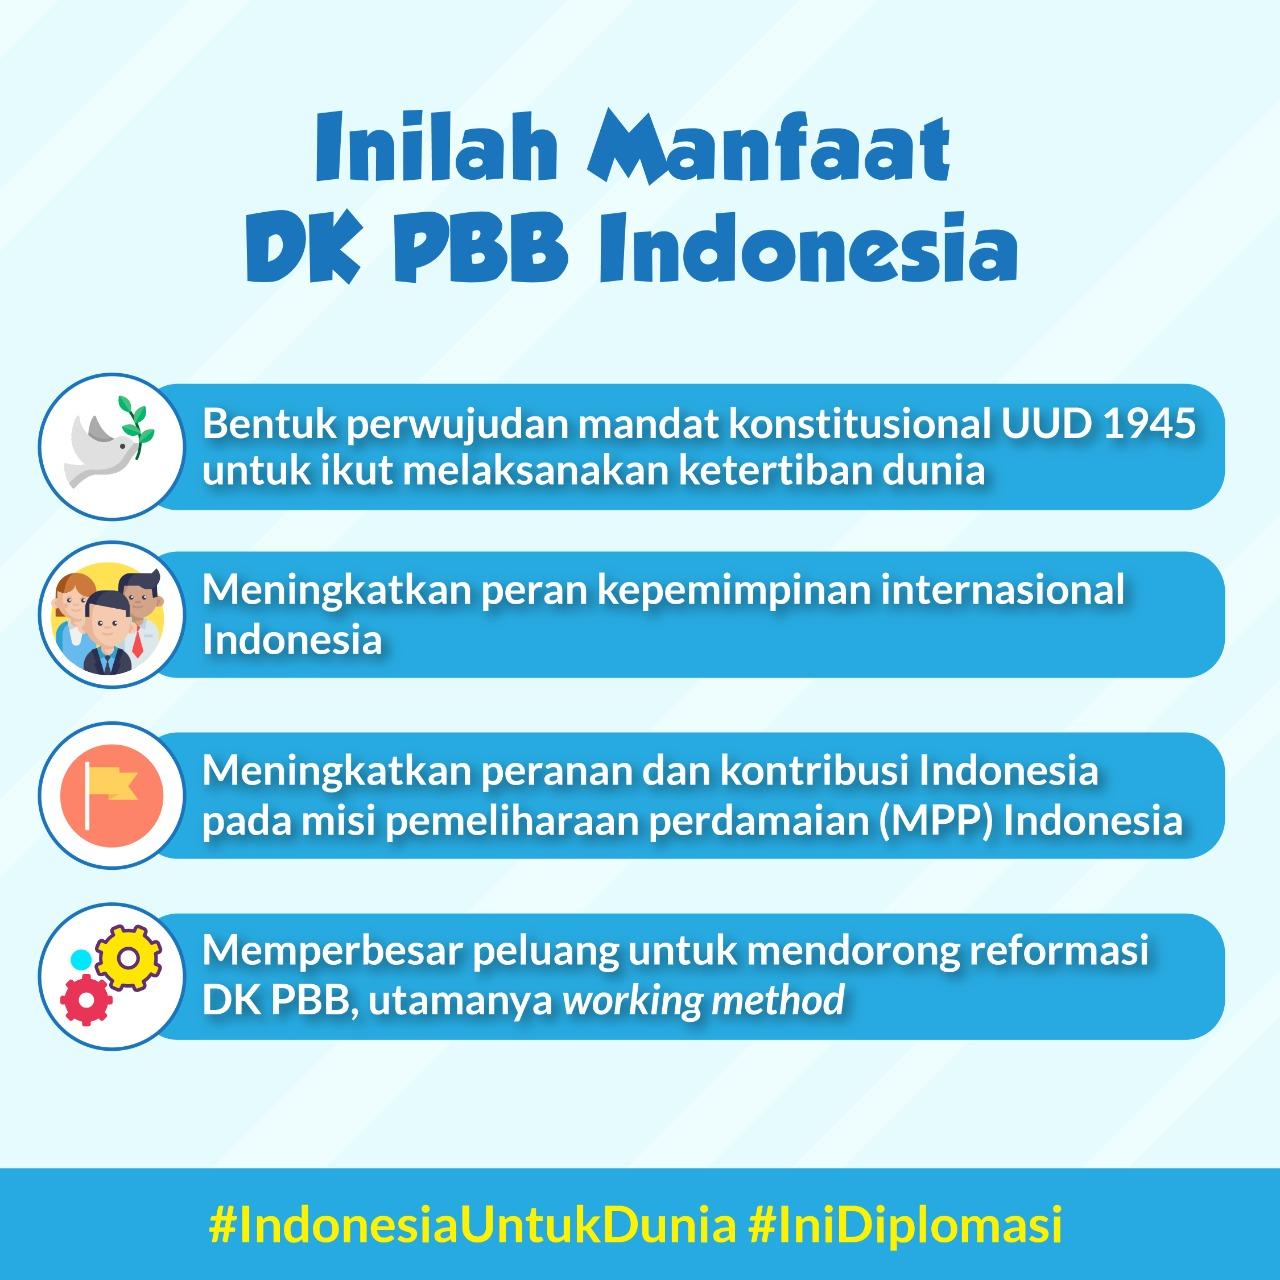 DK PBB Indonesia